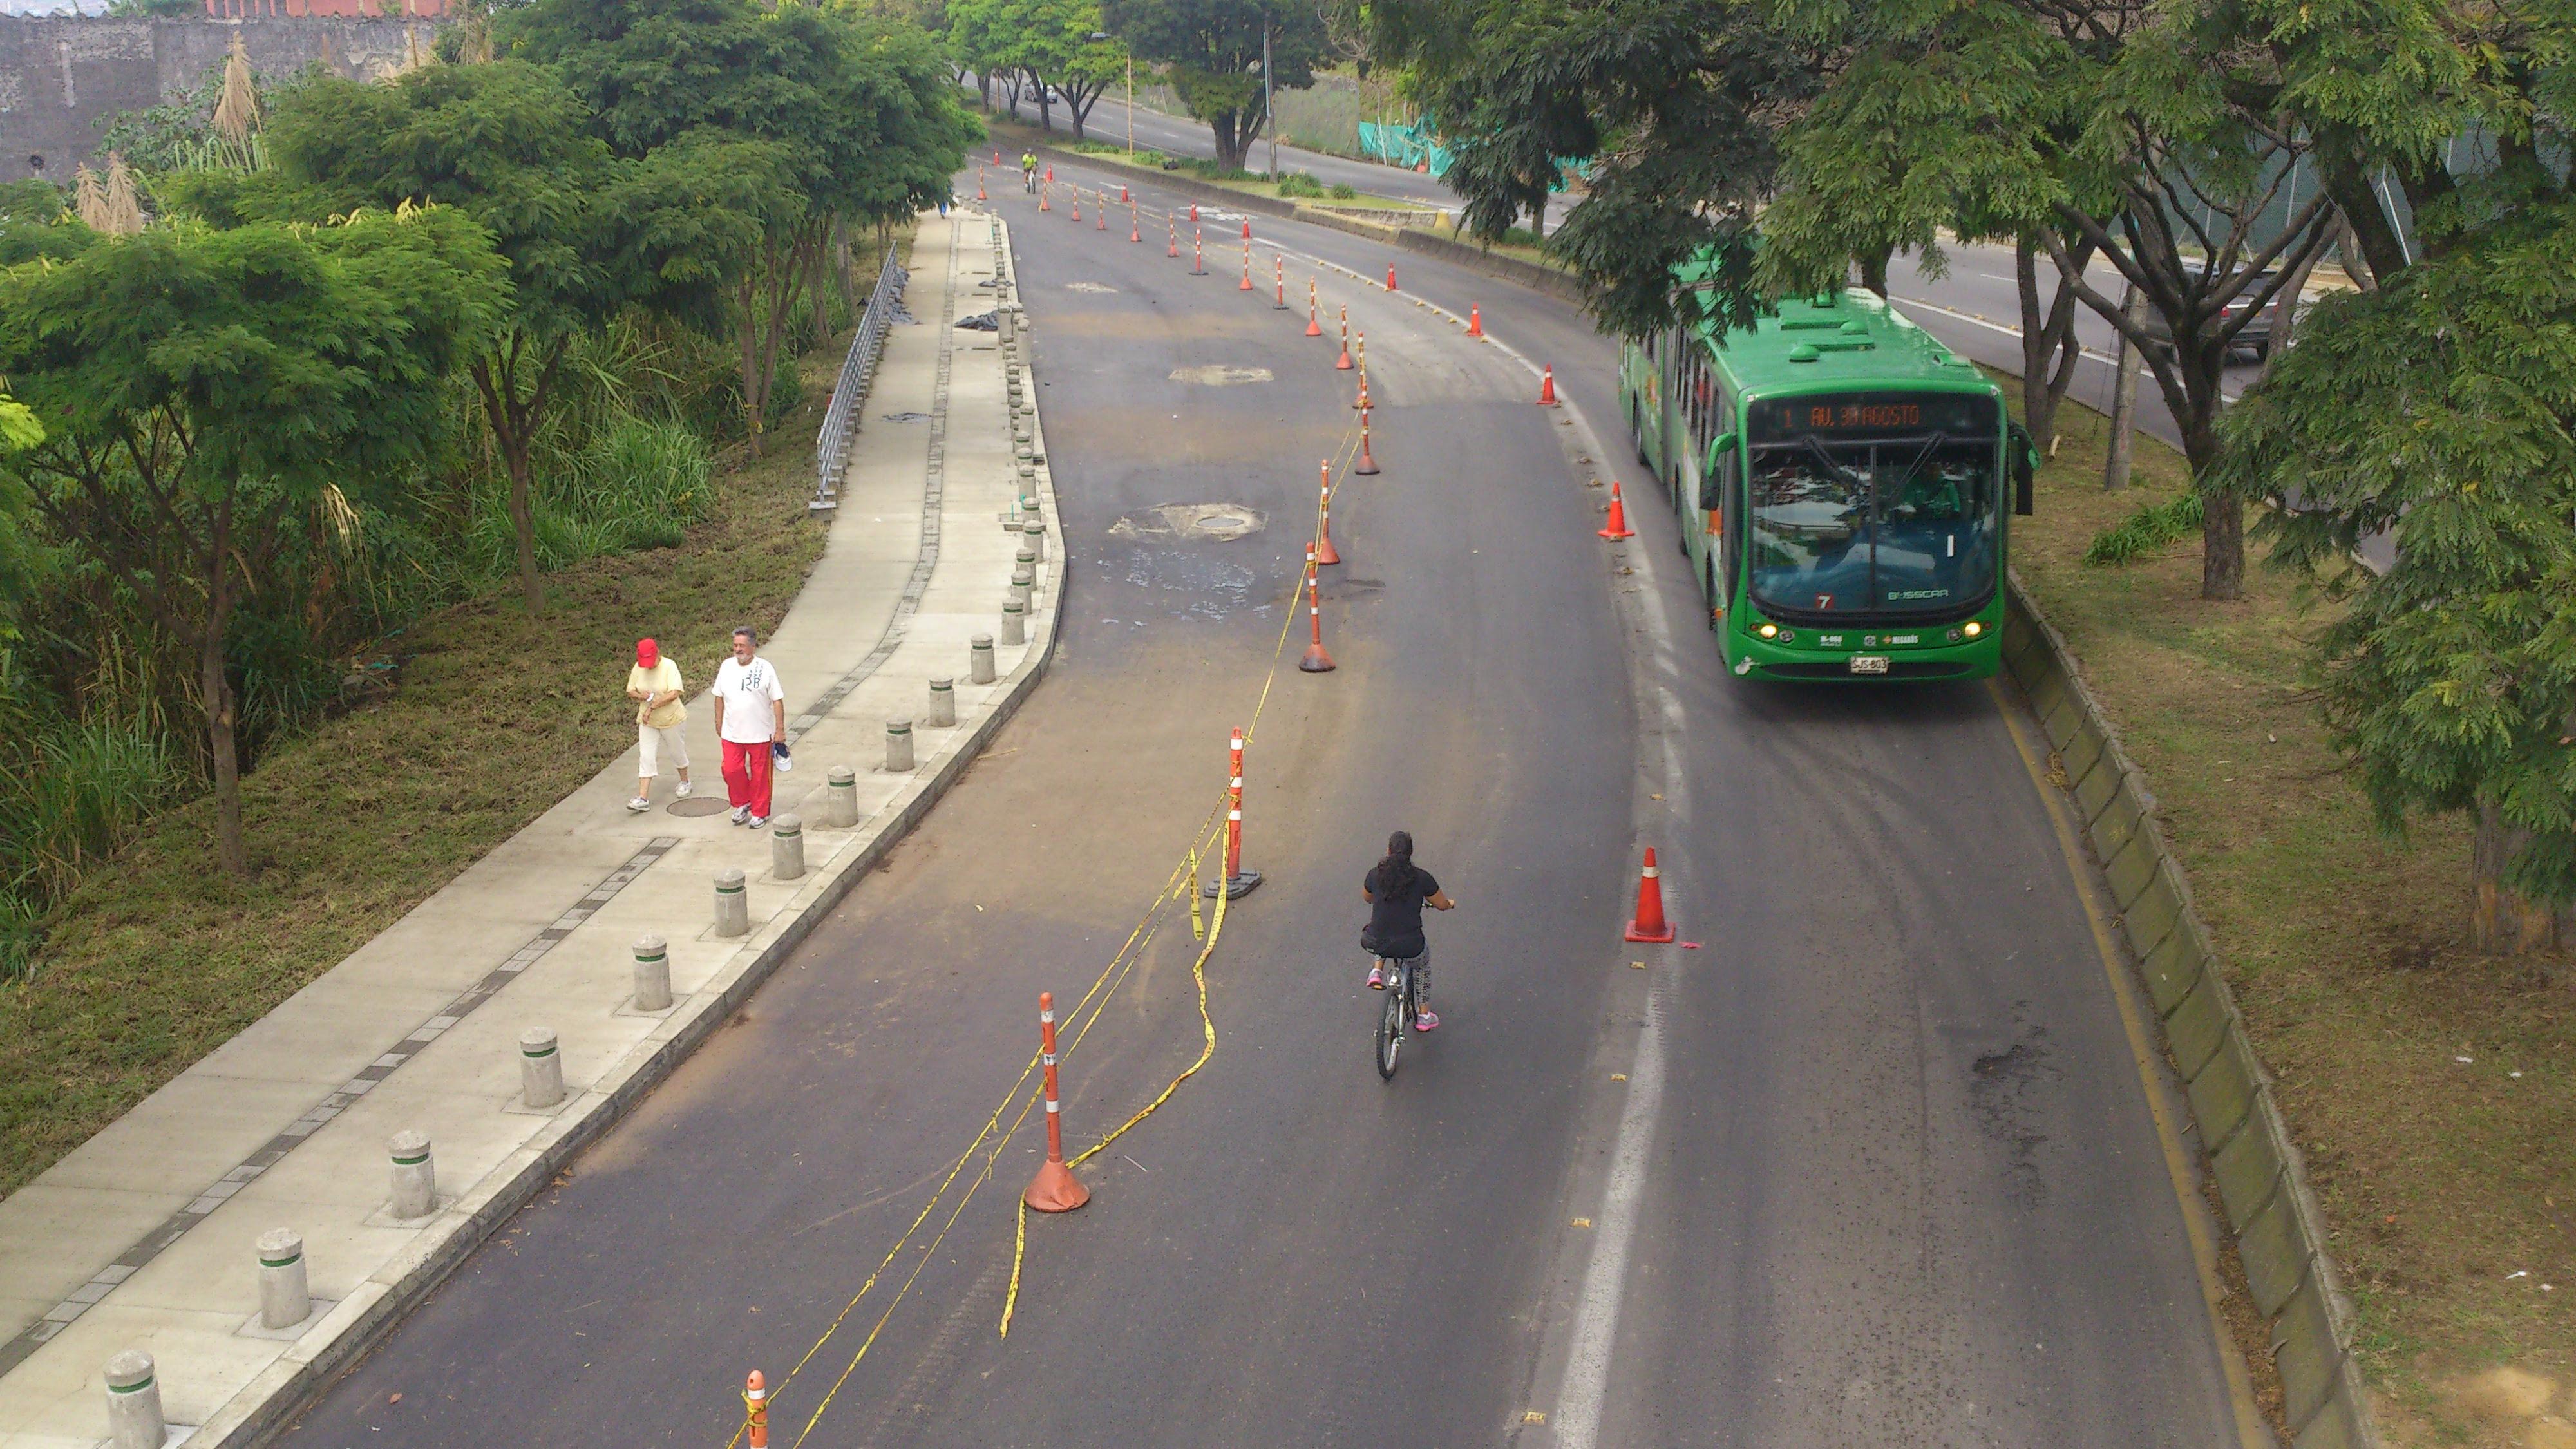 Avenida 30 de Agosto segundo carril mixto en la calzada sur en inmediaciones del colegio Aquilino Bedoya